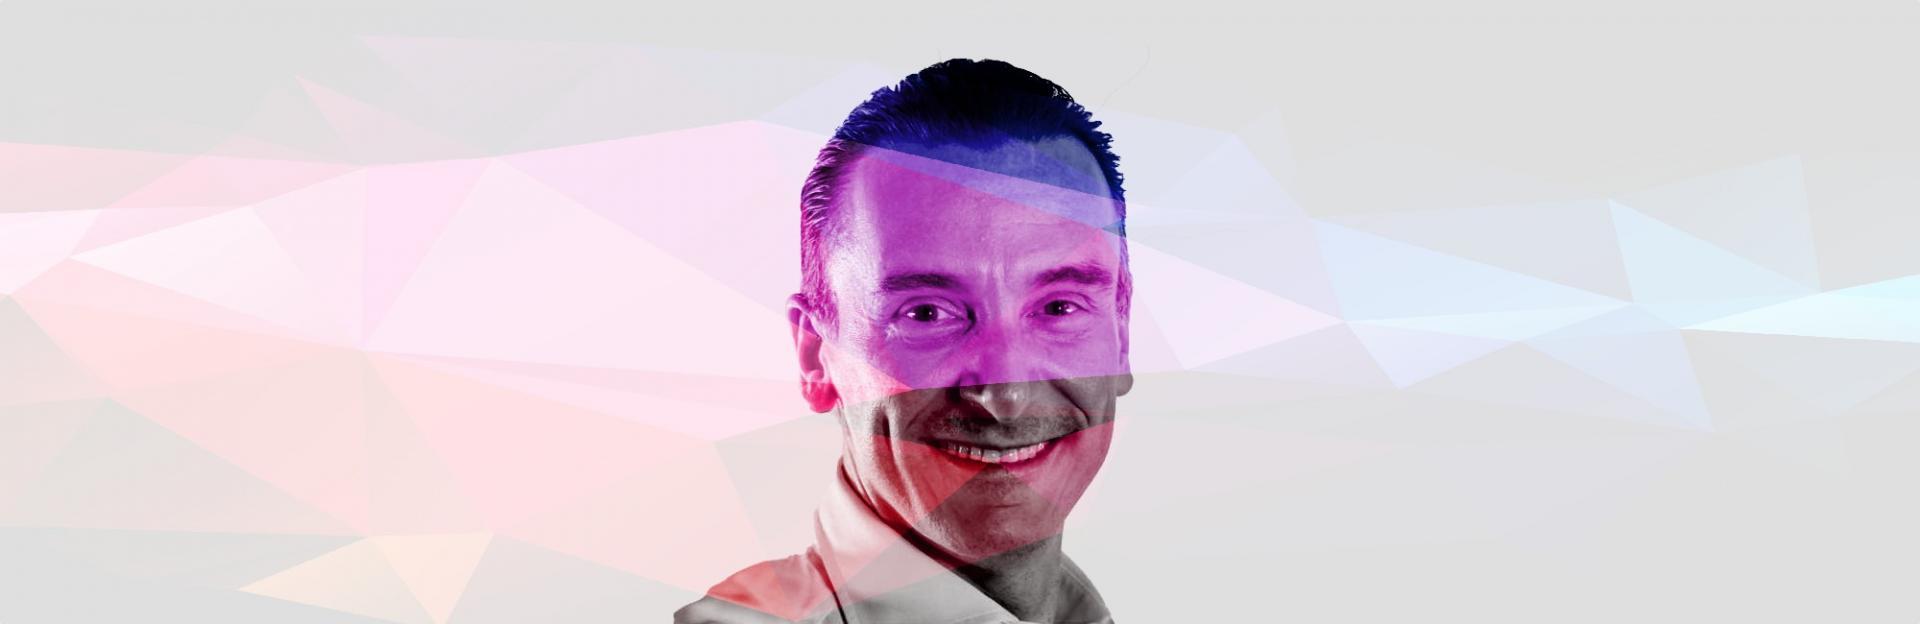 Marcelo De Santis (Pirelli) : trasformazione digitale, agilità e innovazione